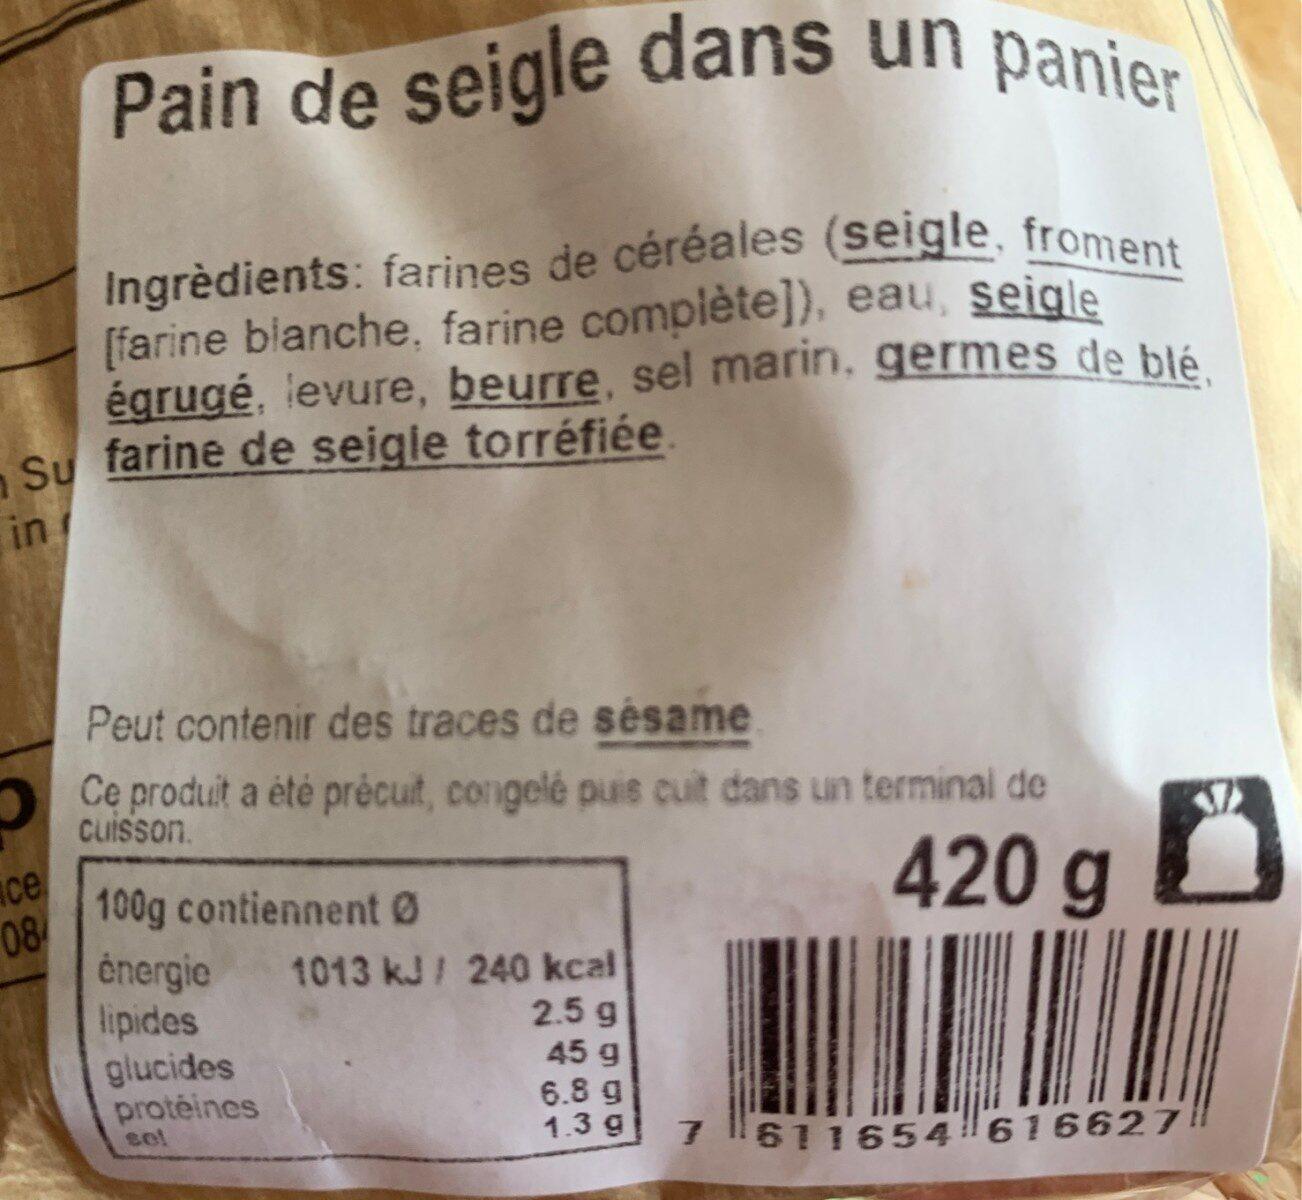 Pain de seigle - Nutrition facts